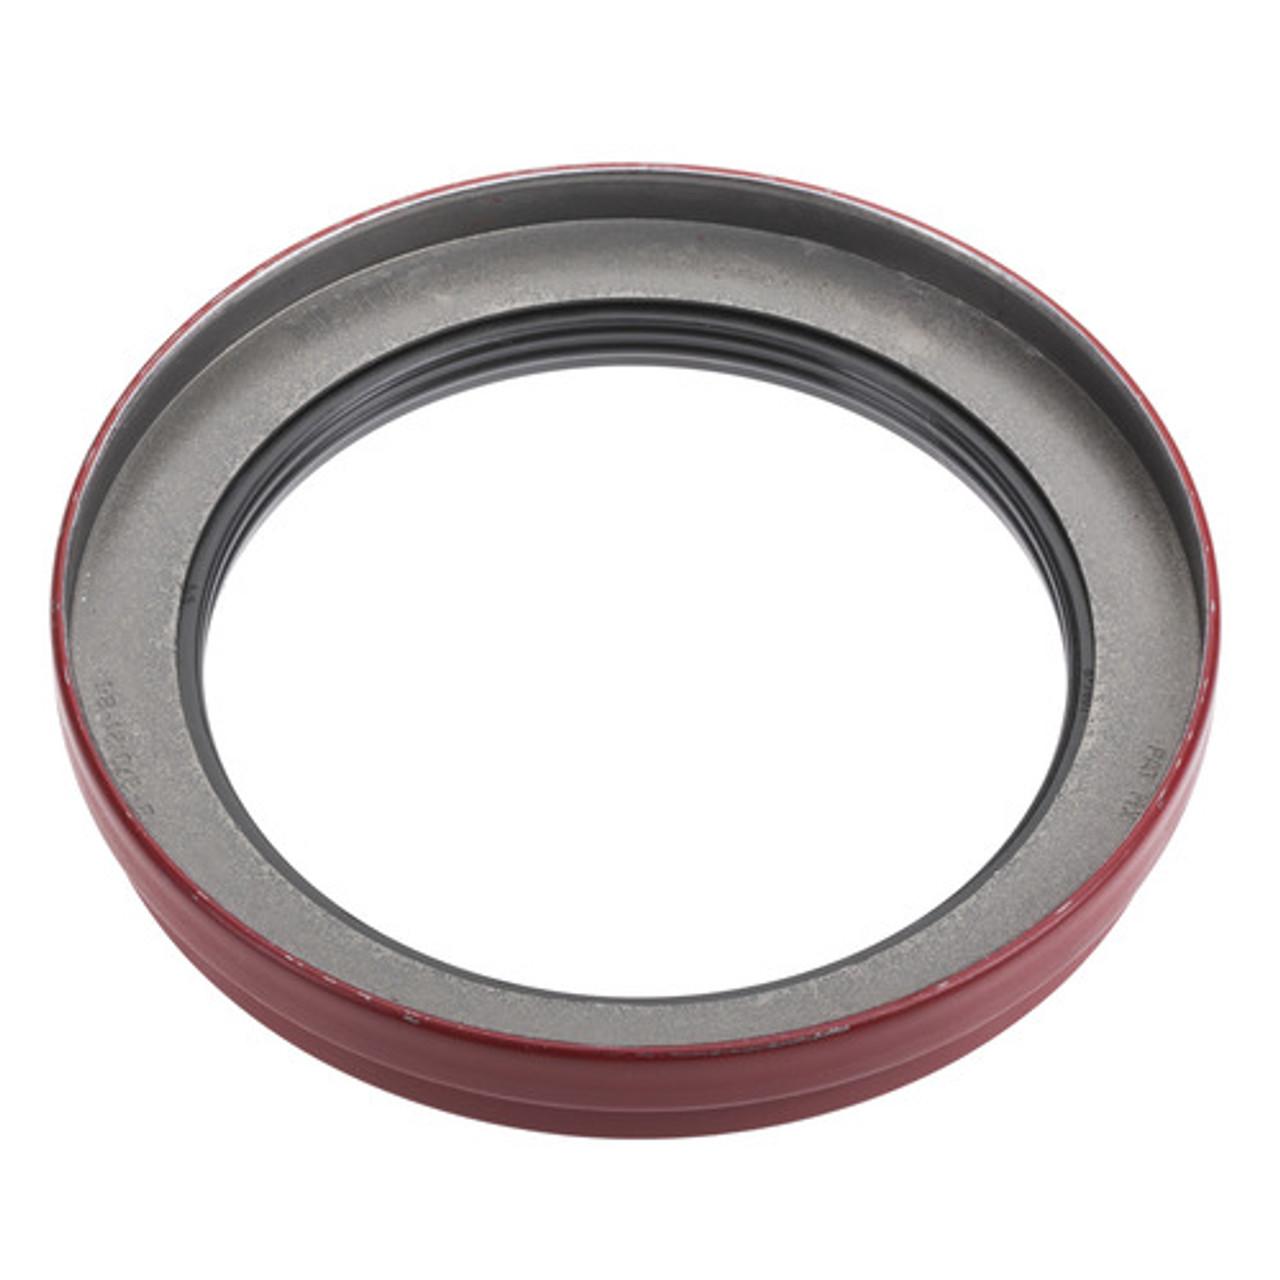 Wheel Seal- 6.506 OD 4.875 ID